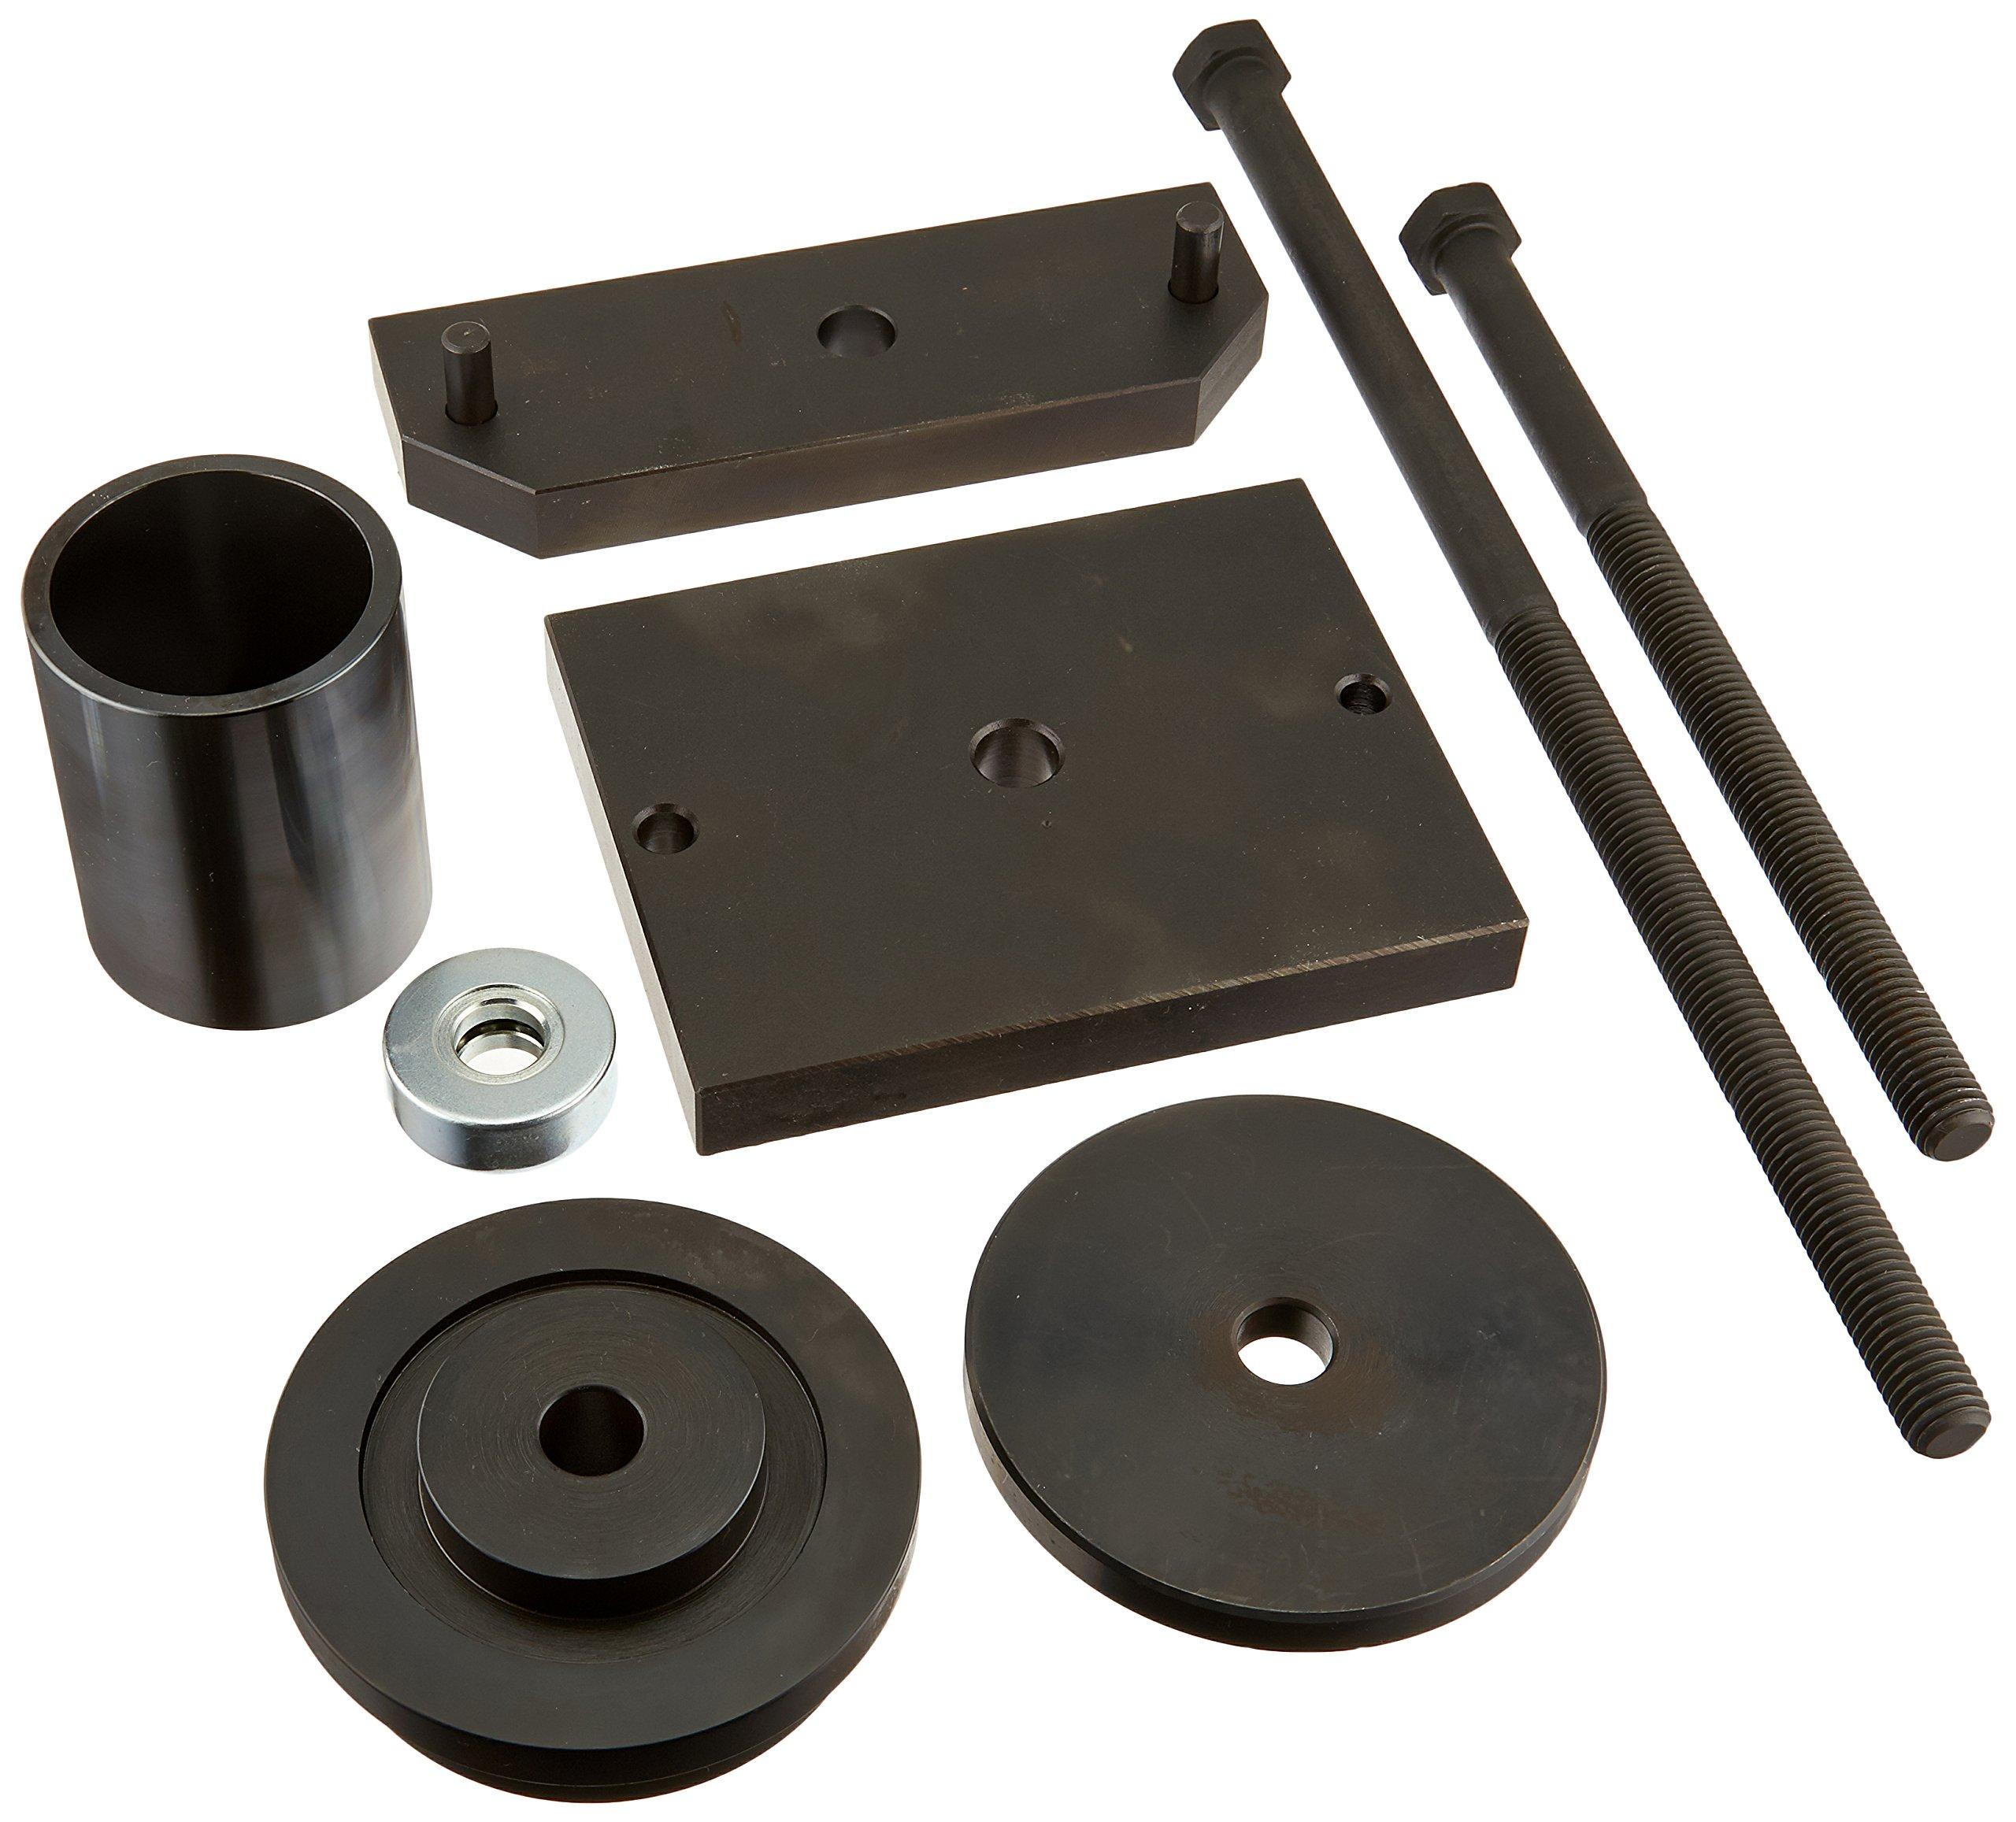 OTC Tools 4862 5-Speed Main Drive Gear Tool